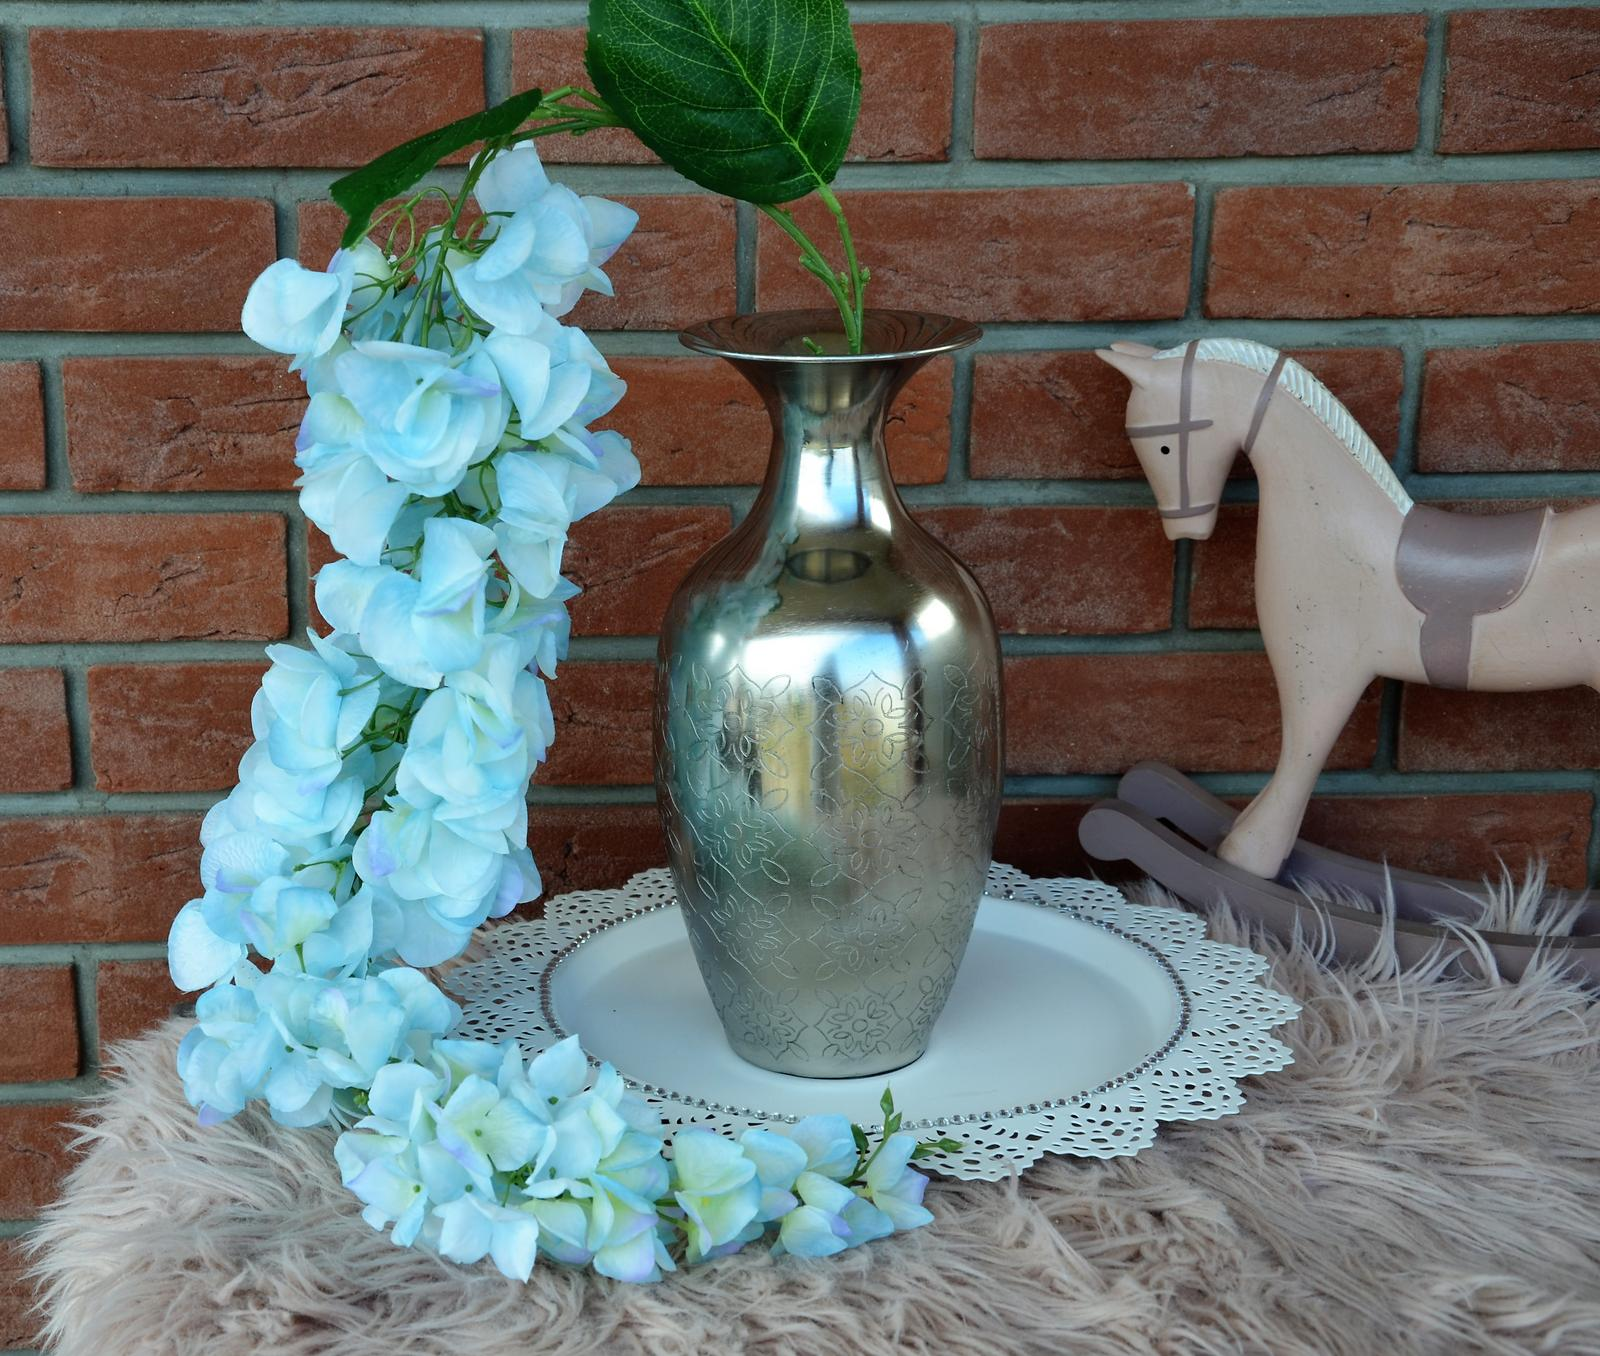 ťahavý dekoračný kvet-122cm - Obrázok č. 1